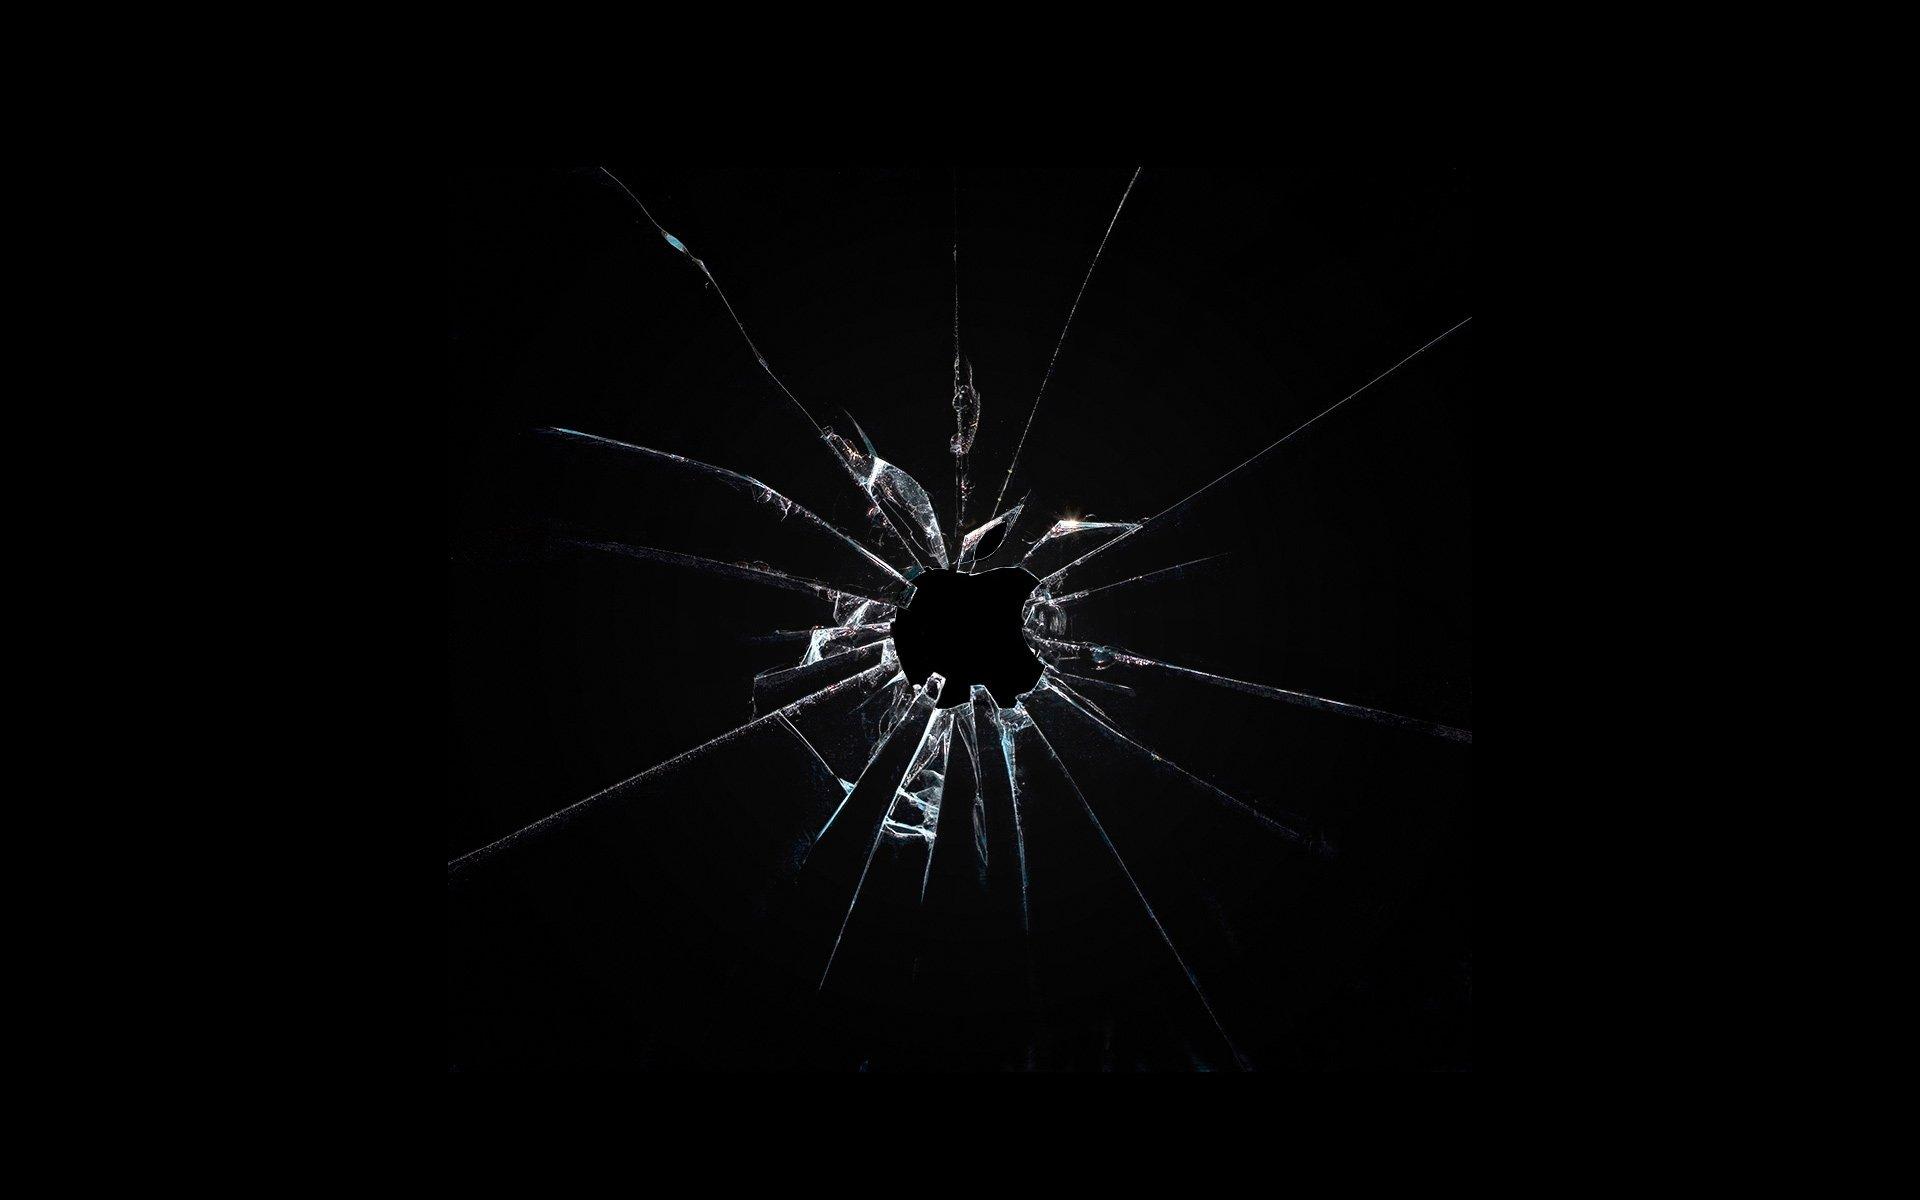 Broken Glass Texture Hd